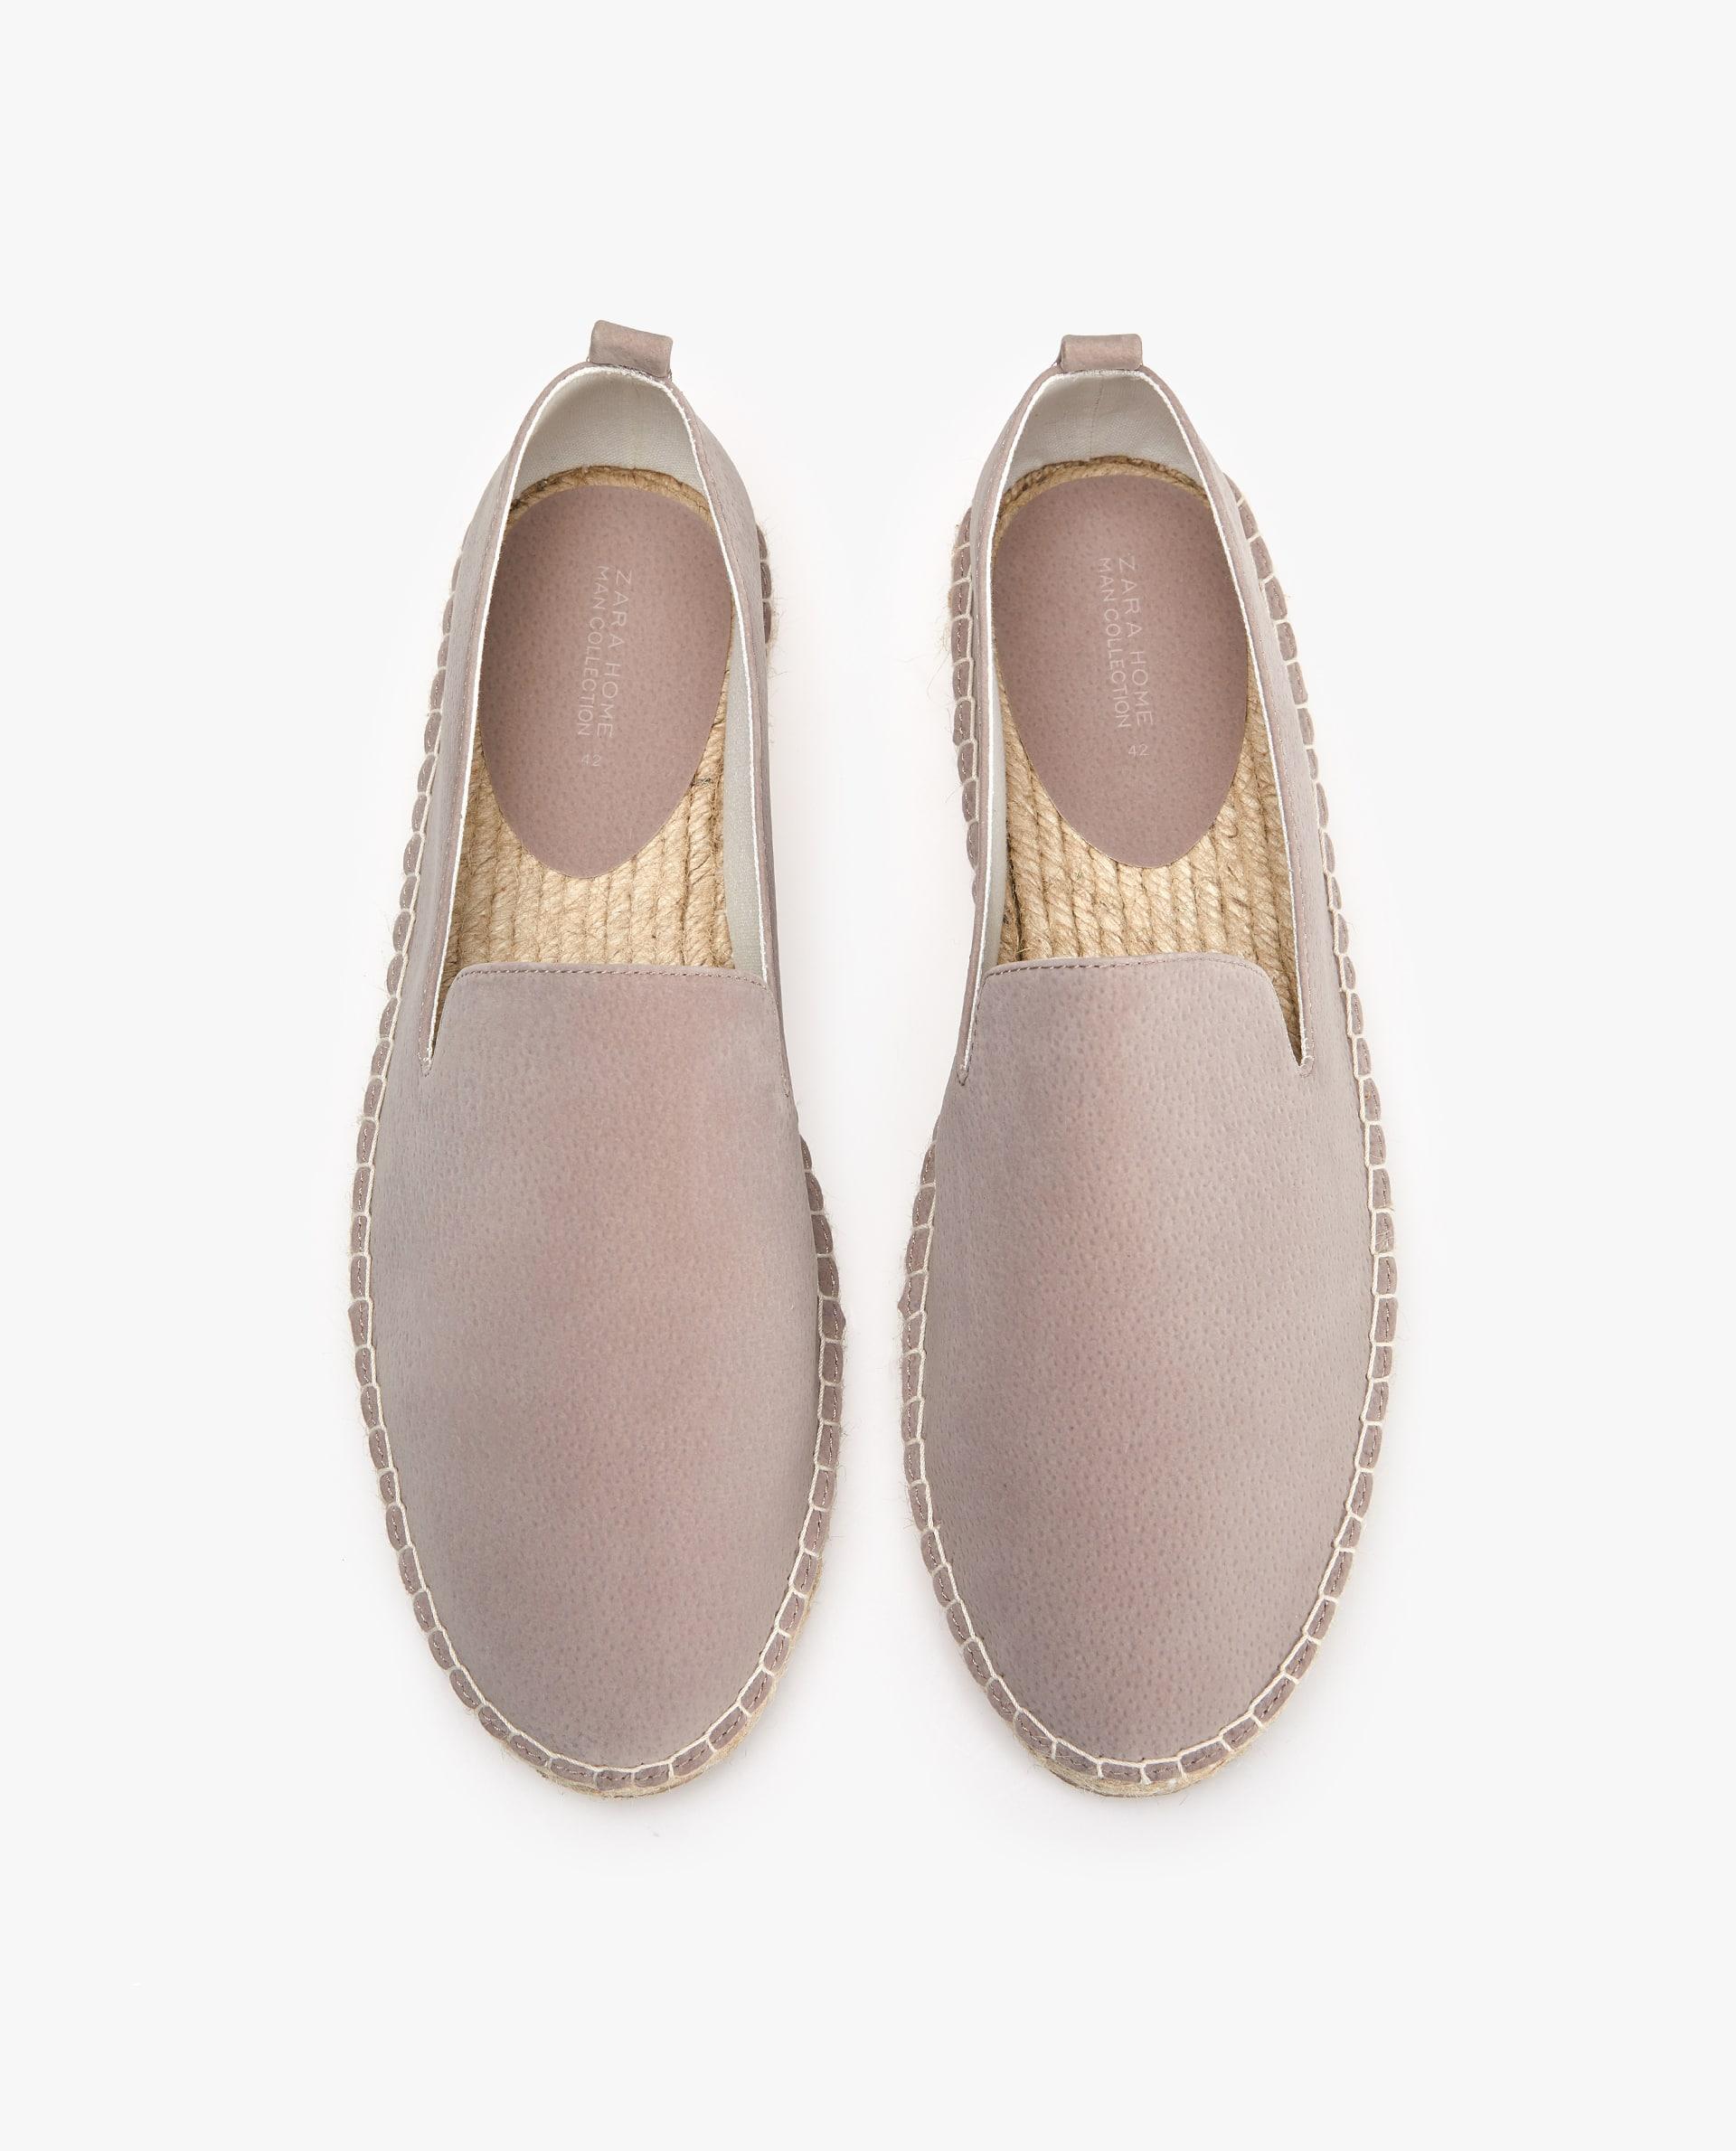 258711ba FABRIC ESPADRILLES - MEN - FOOTWEAR - CLOTHING & FOOTWEAR - BEDROOM ...